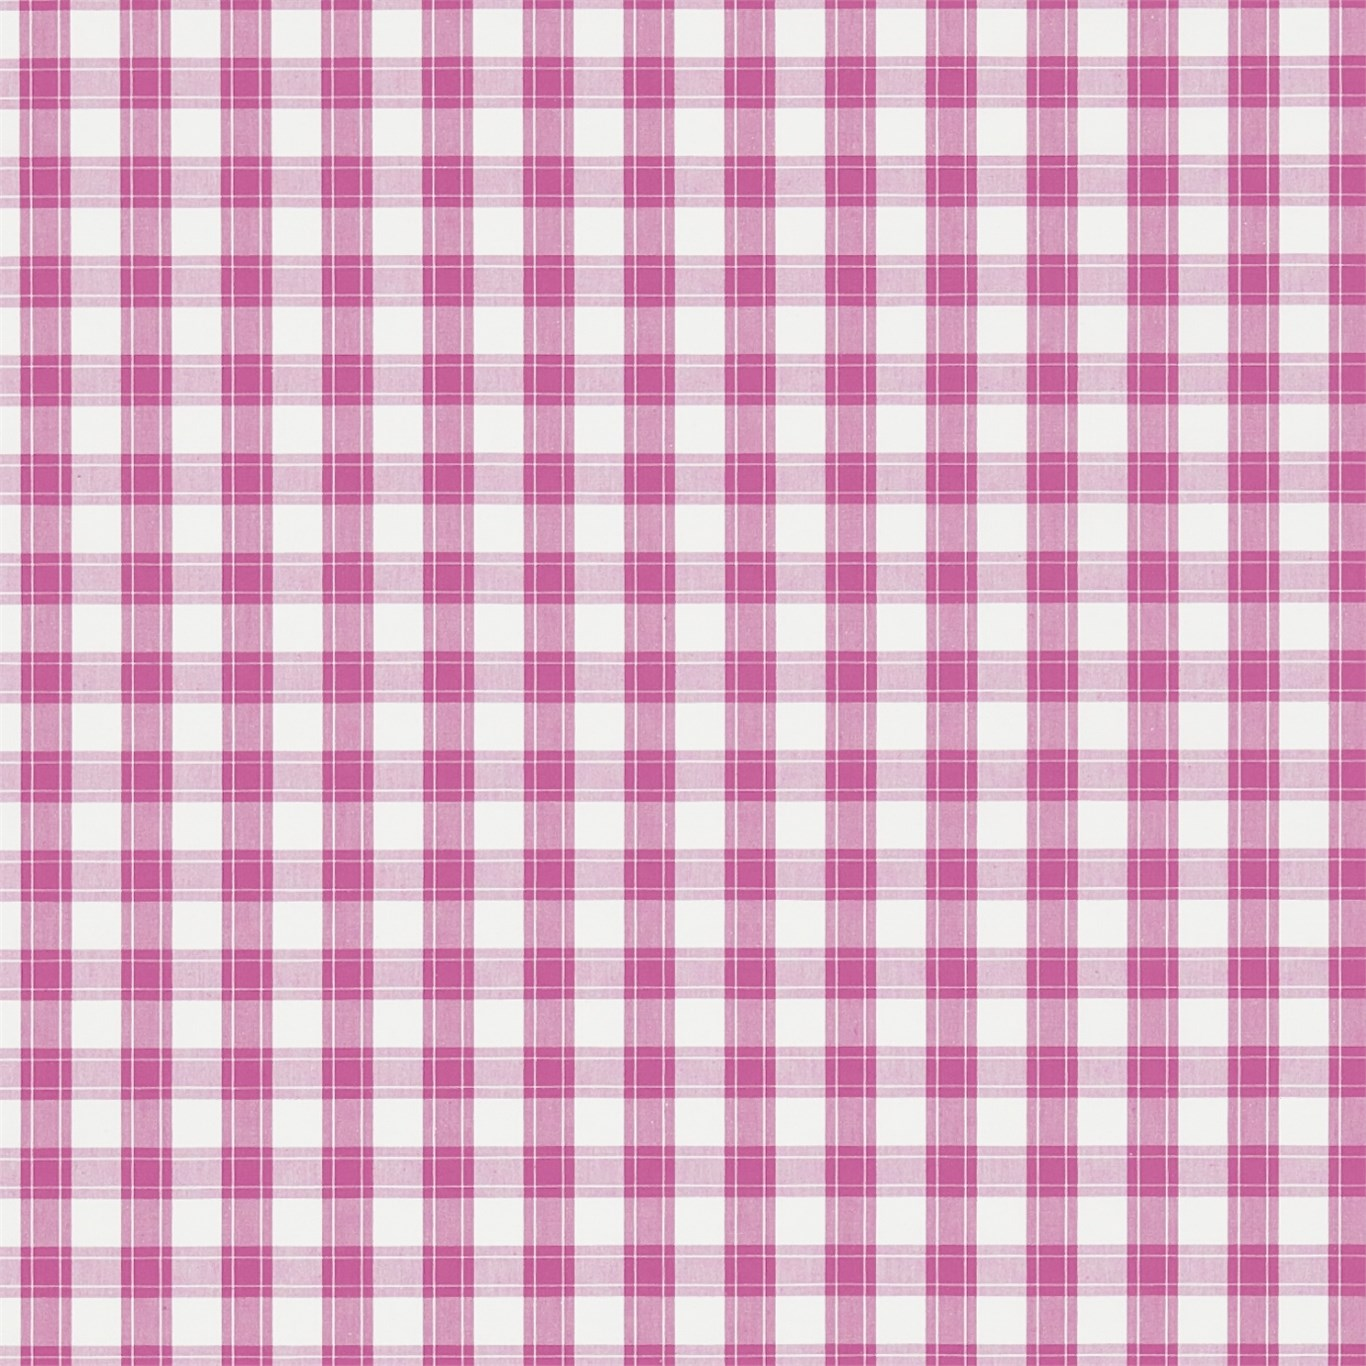 Appledore Pink